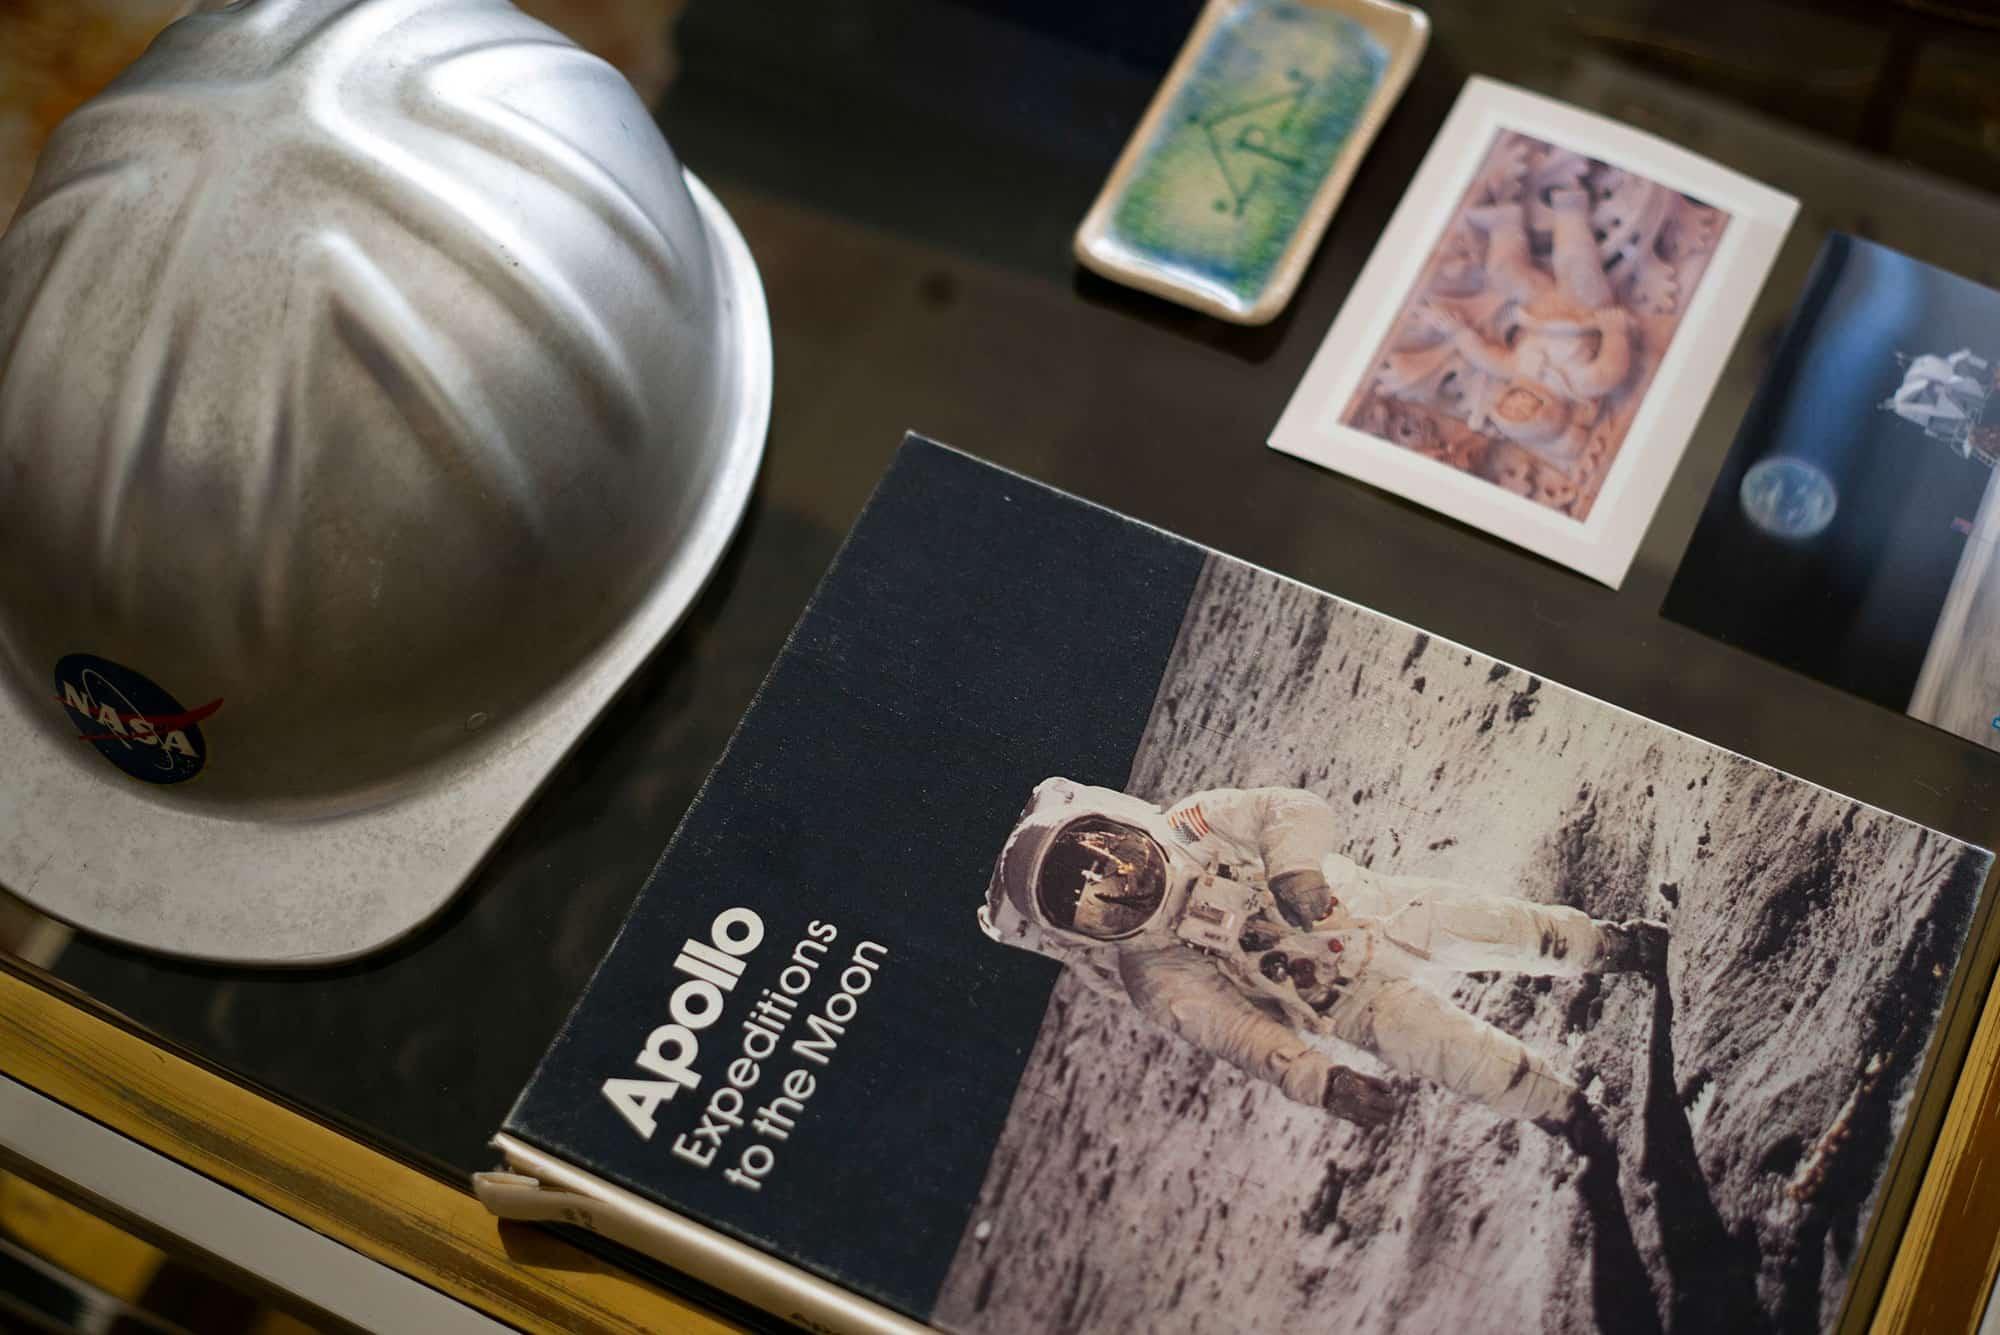 El casco de la NASA y un libro sobre las misiones Apolo de Ruiz de Gopegui